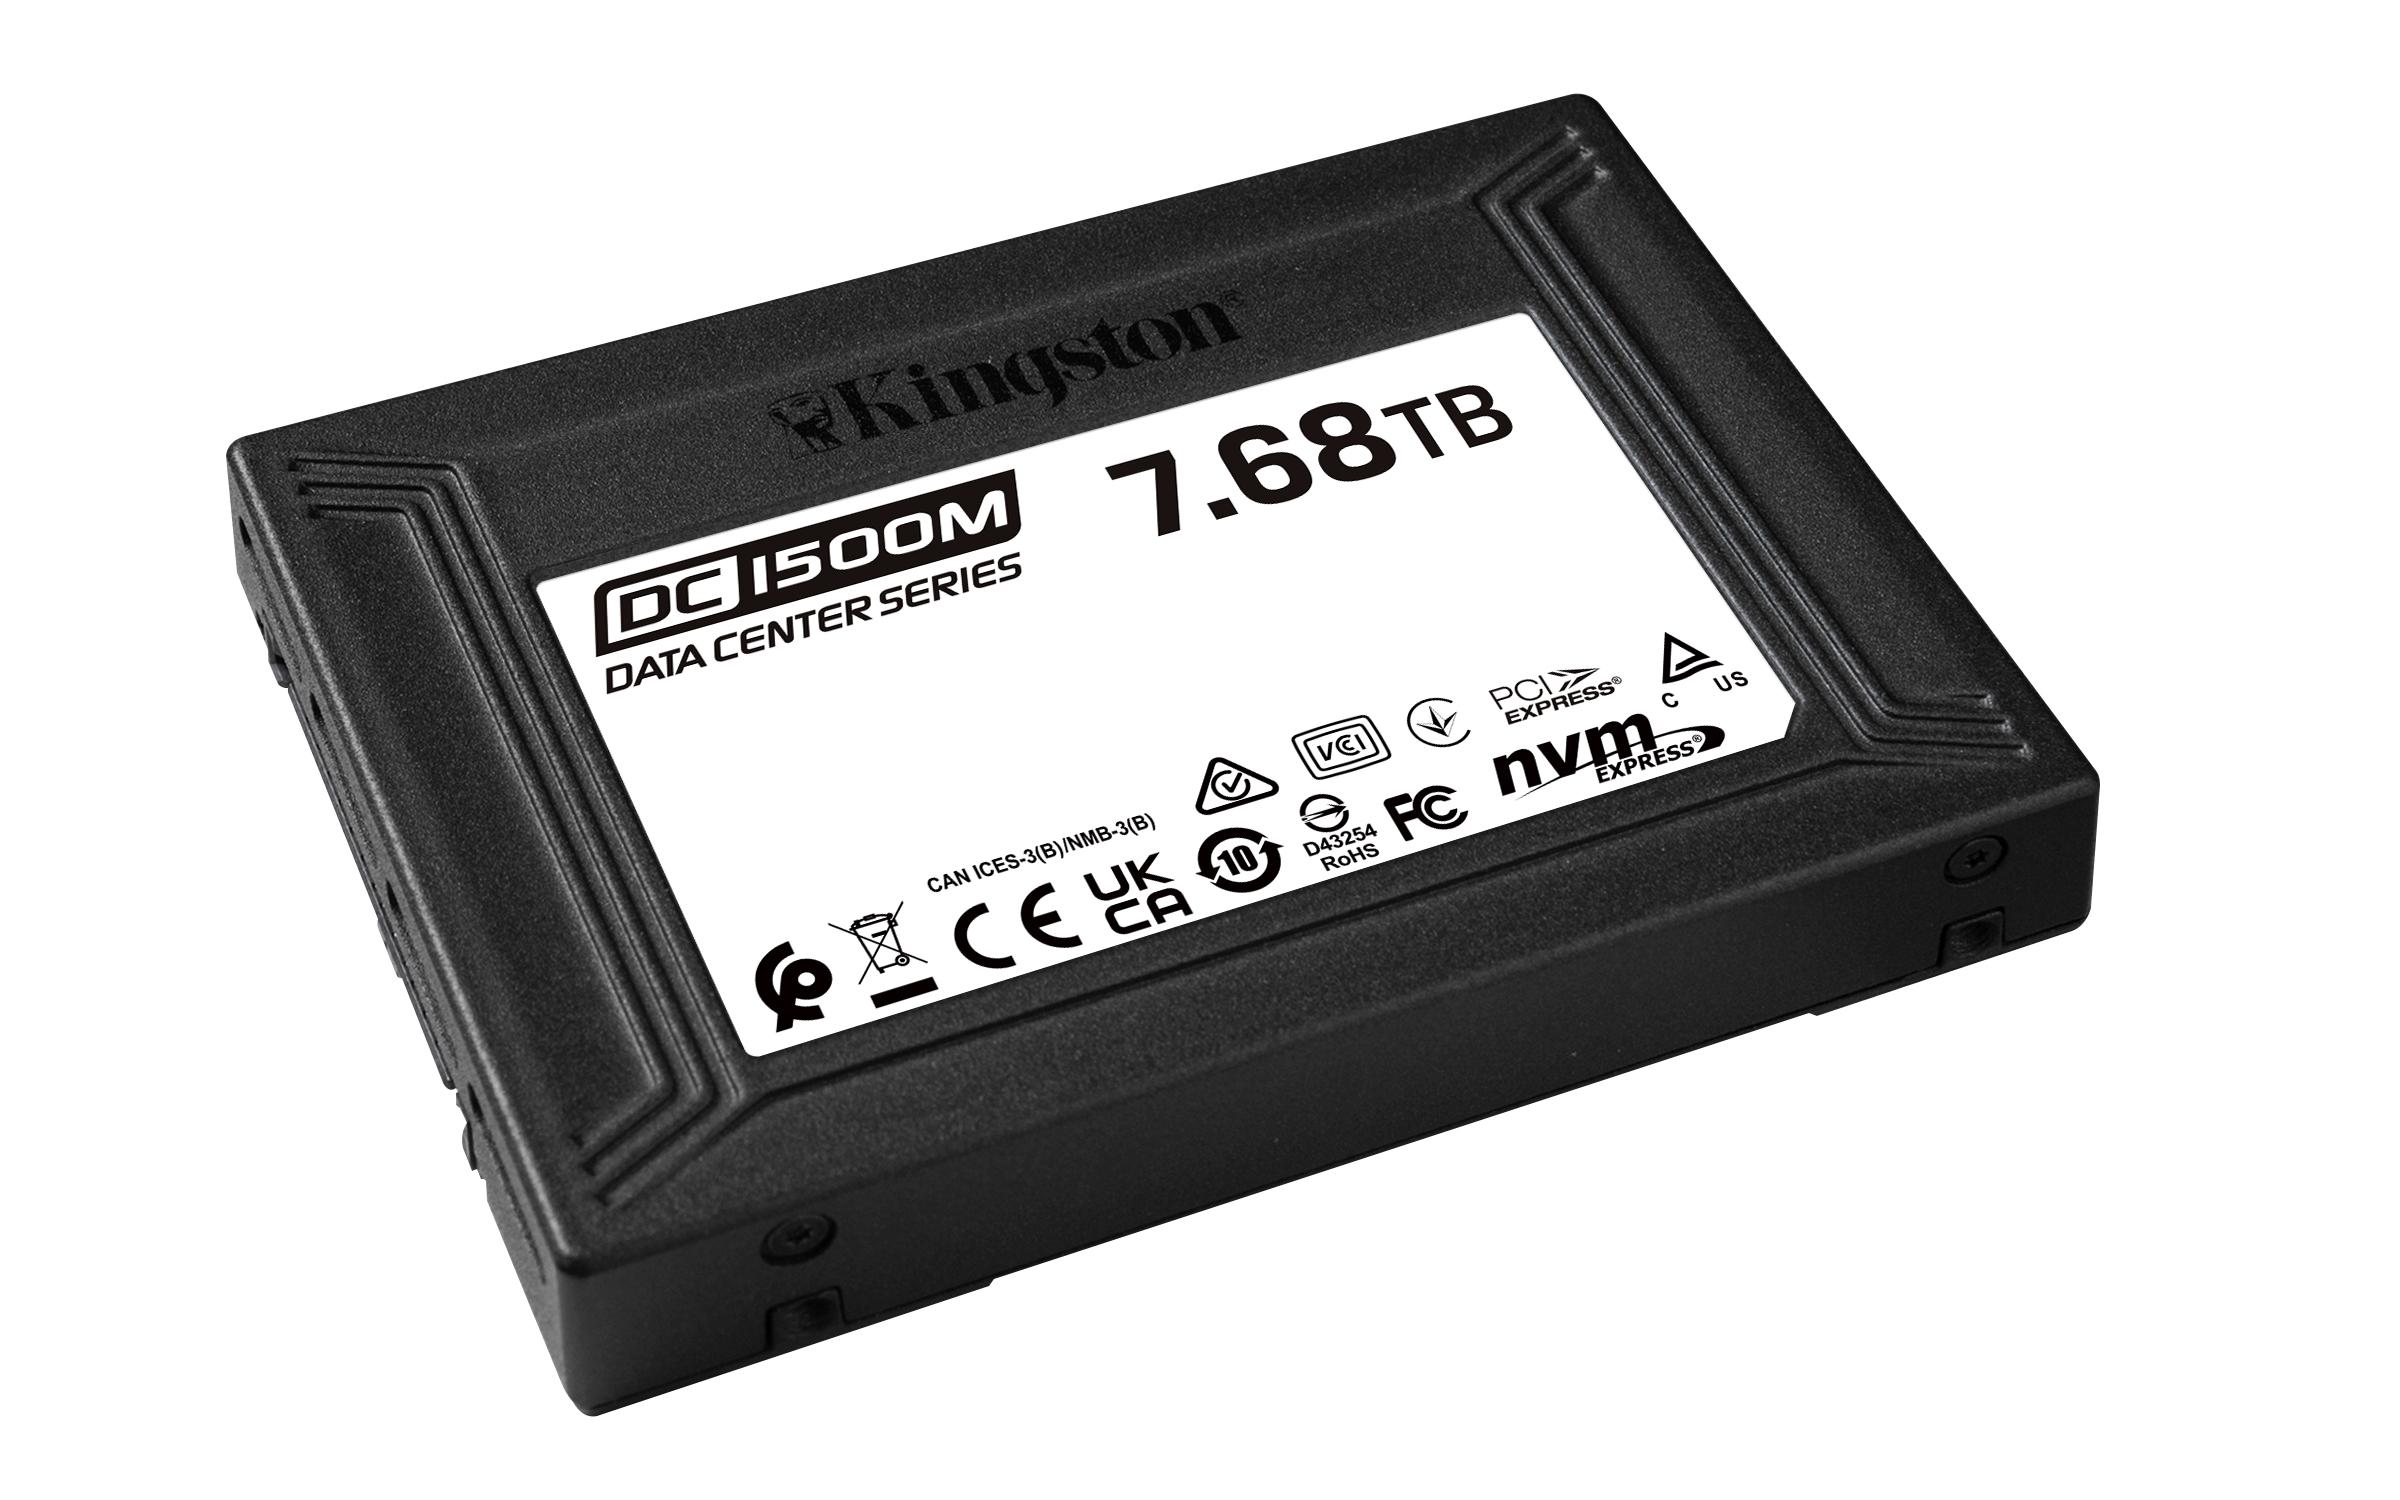 Kingston Digital wprowadza na rynek dysk DC1500M NVMe U.2 przeznaczony dla centrów danych